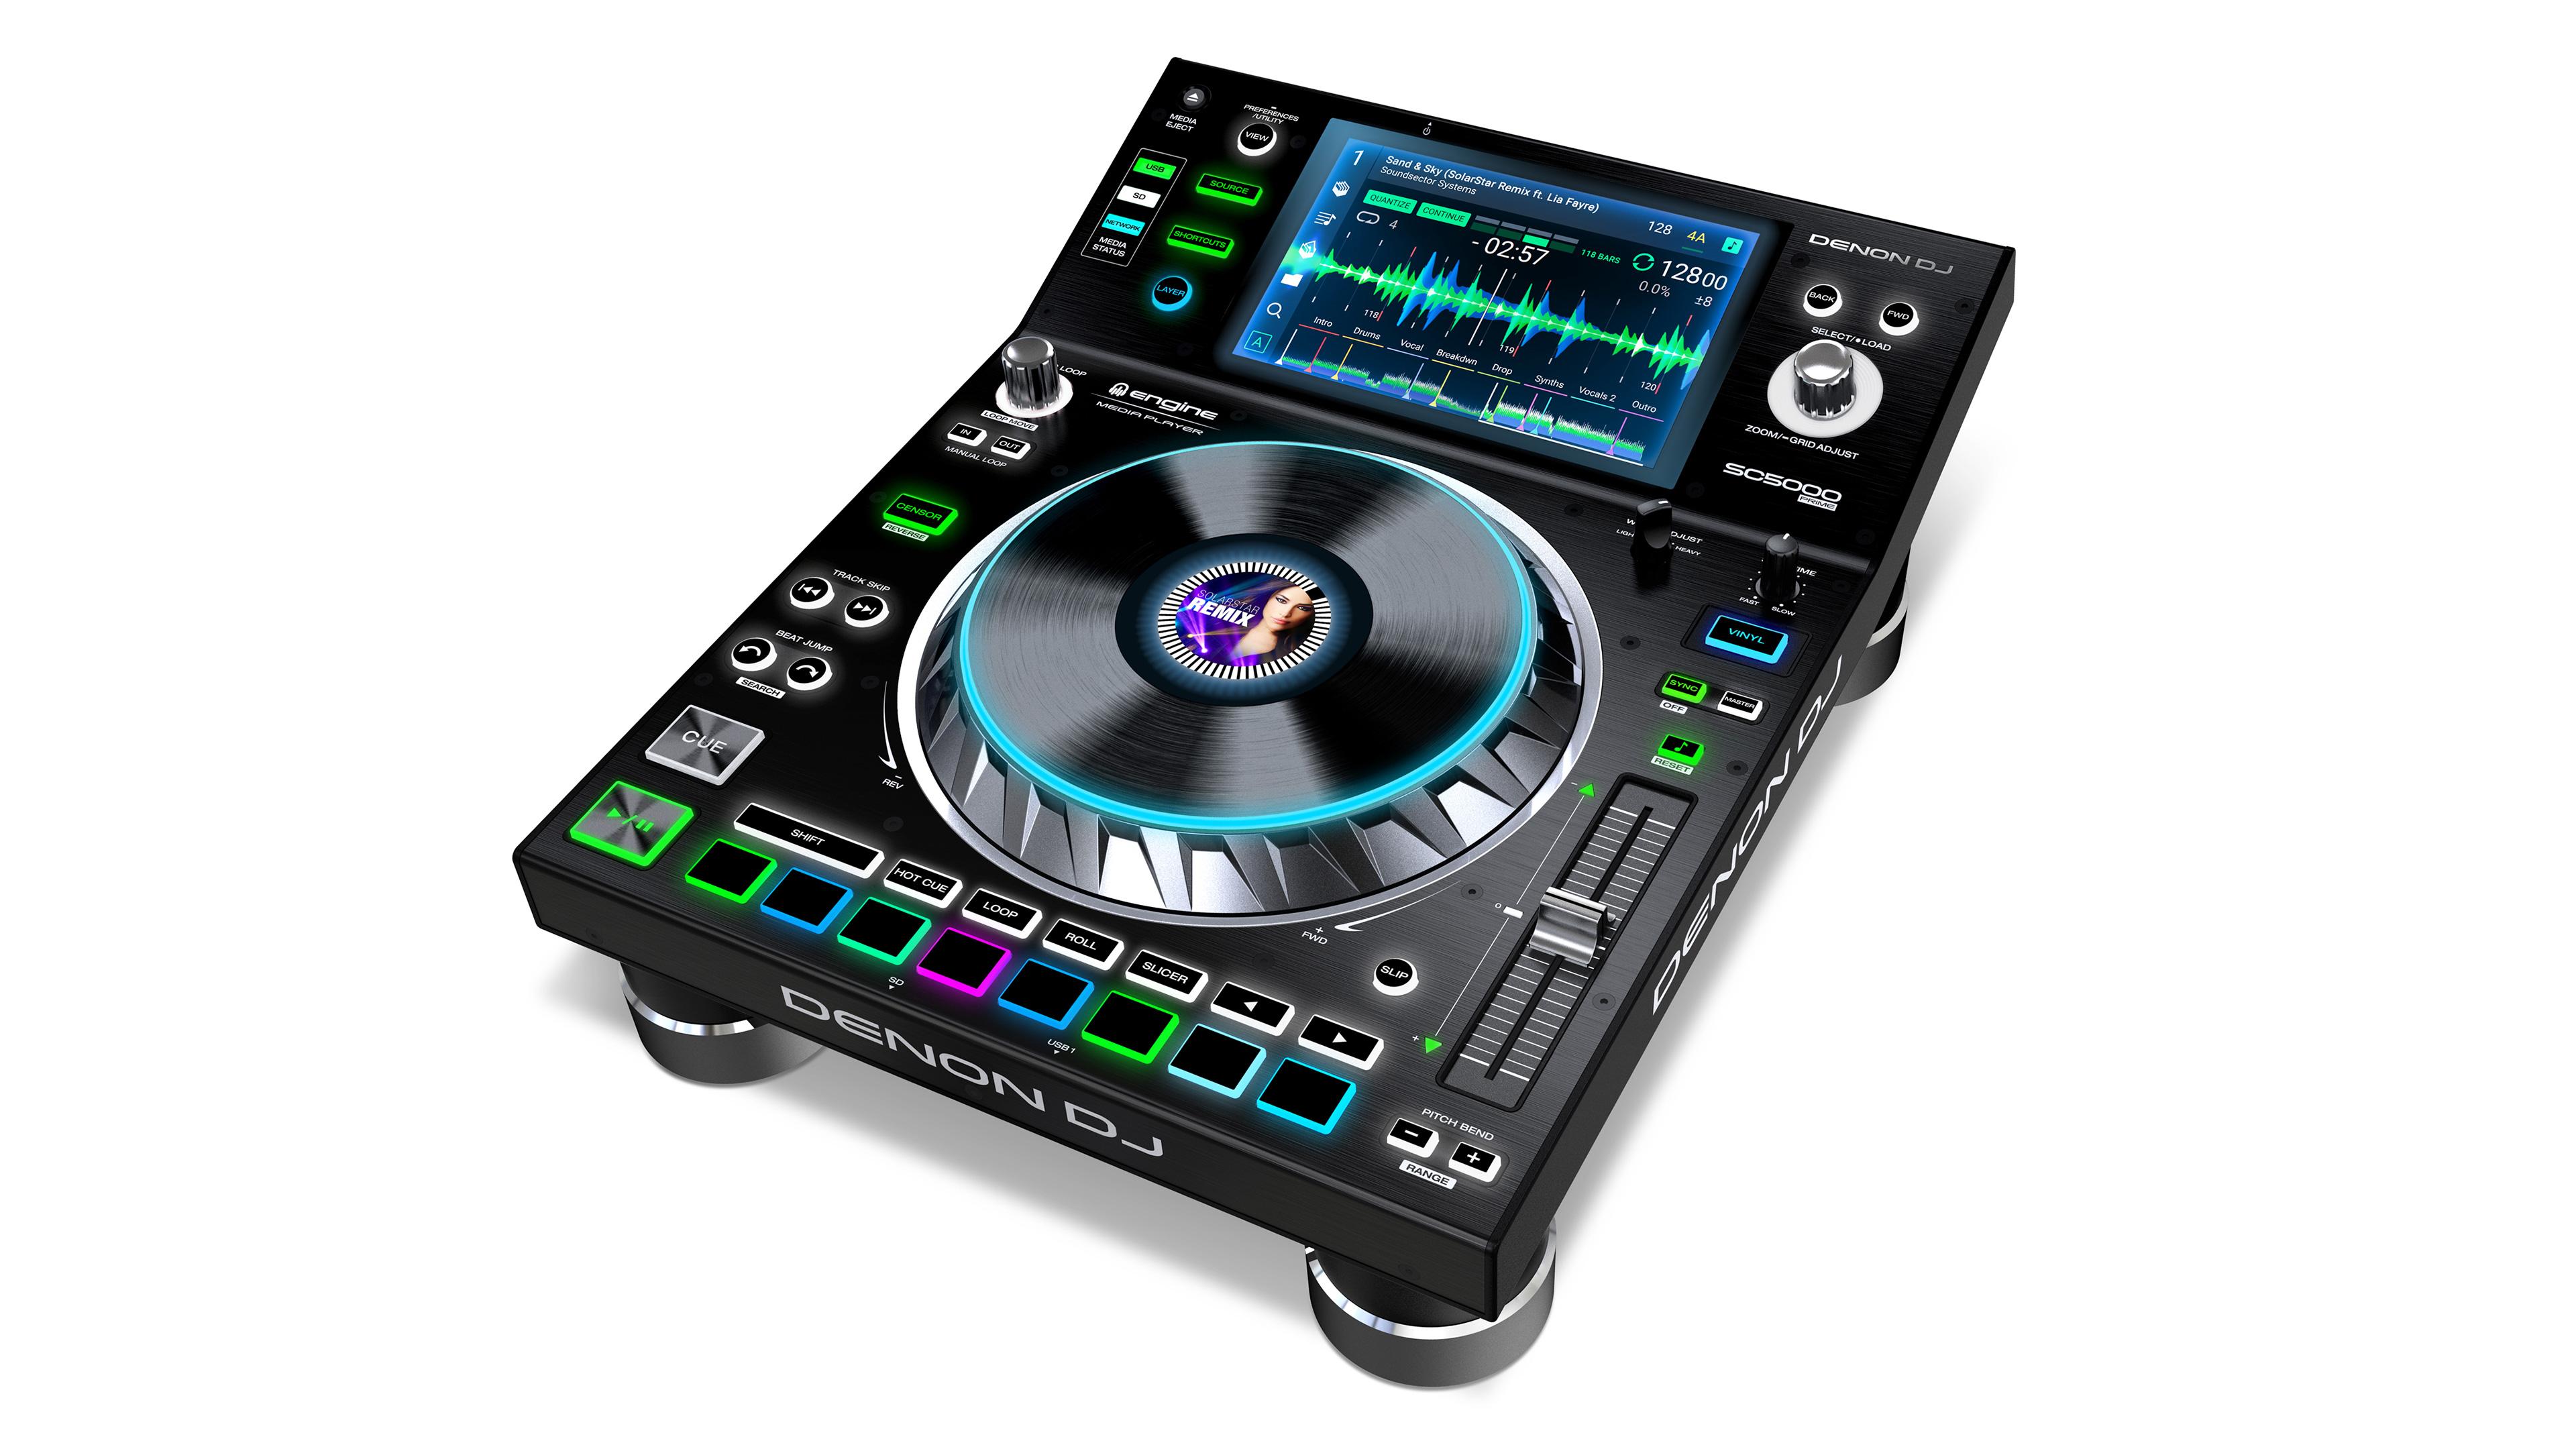 Denon DJ SC5000 Prime - Crossfader Australia